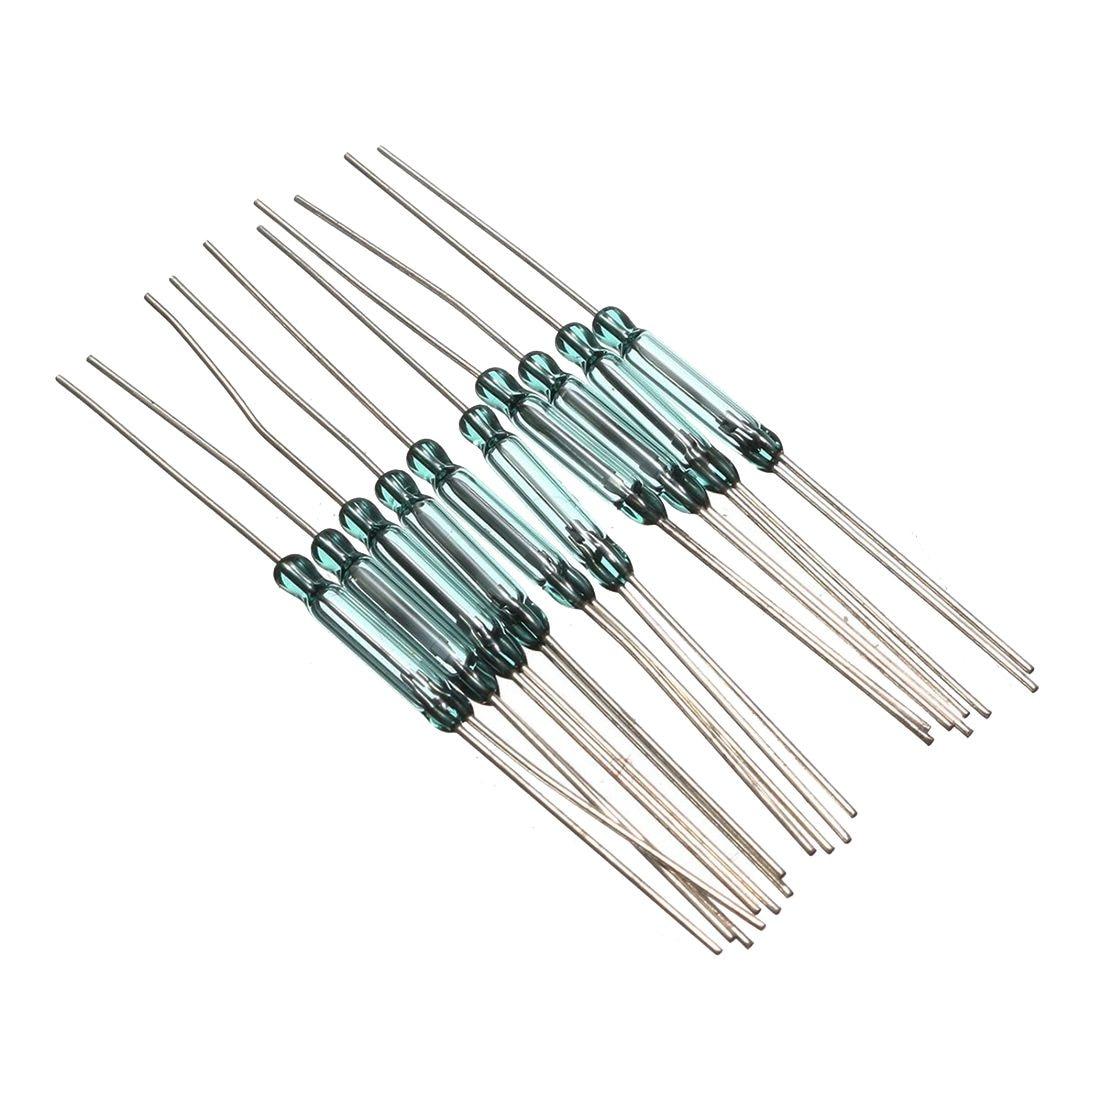 10 шт. N/O N/C SPDT Reed магнитный переключатель Настенные переключатели Замена 2.5x14 мм ri-90